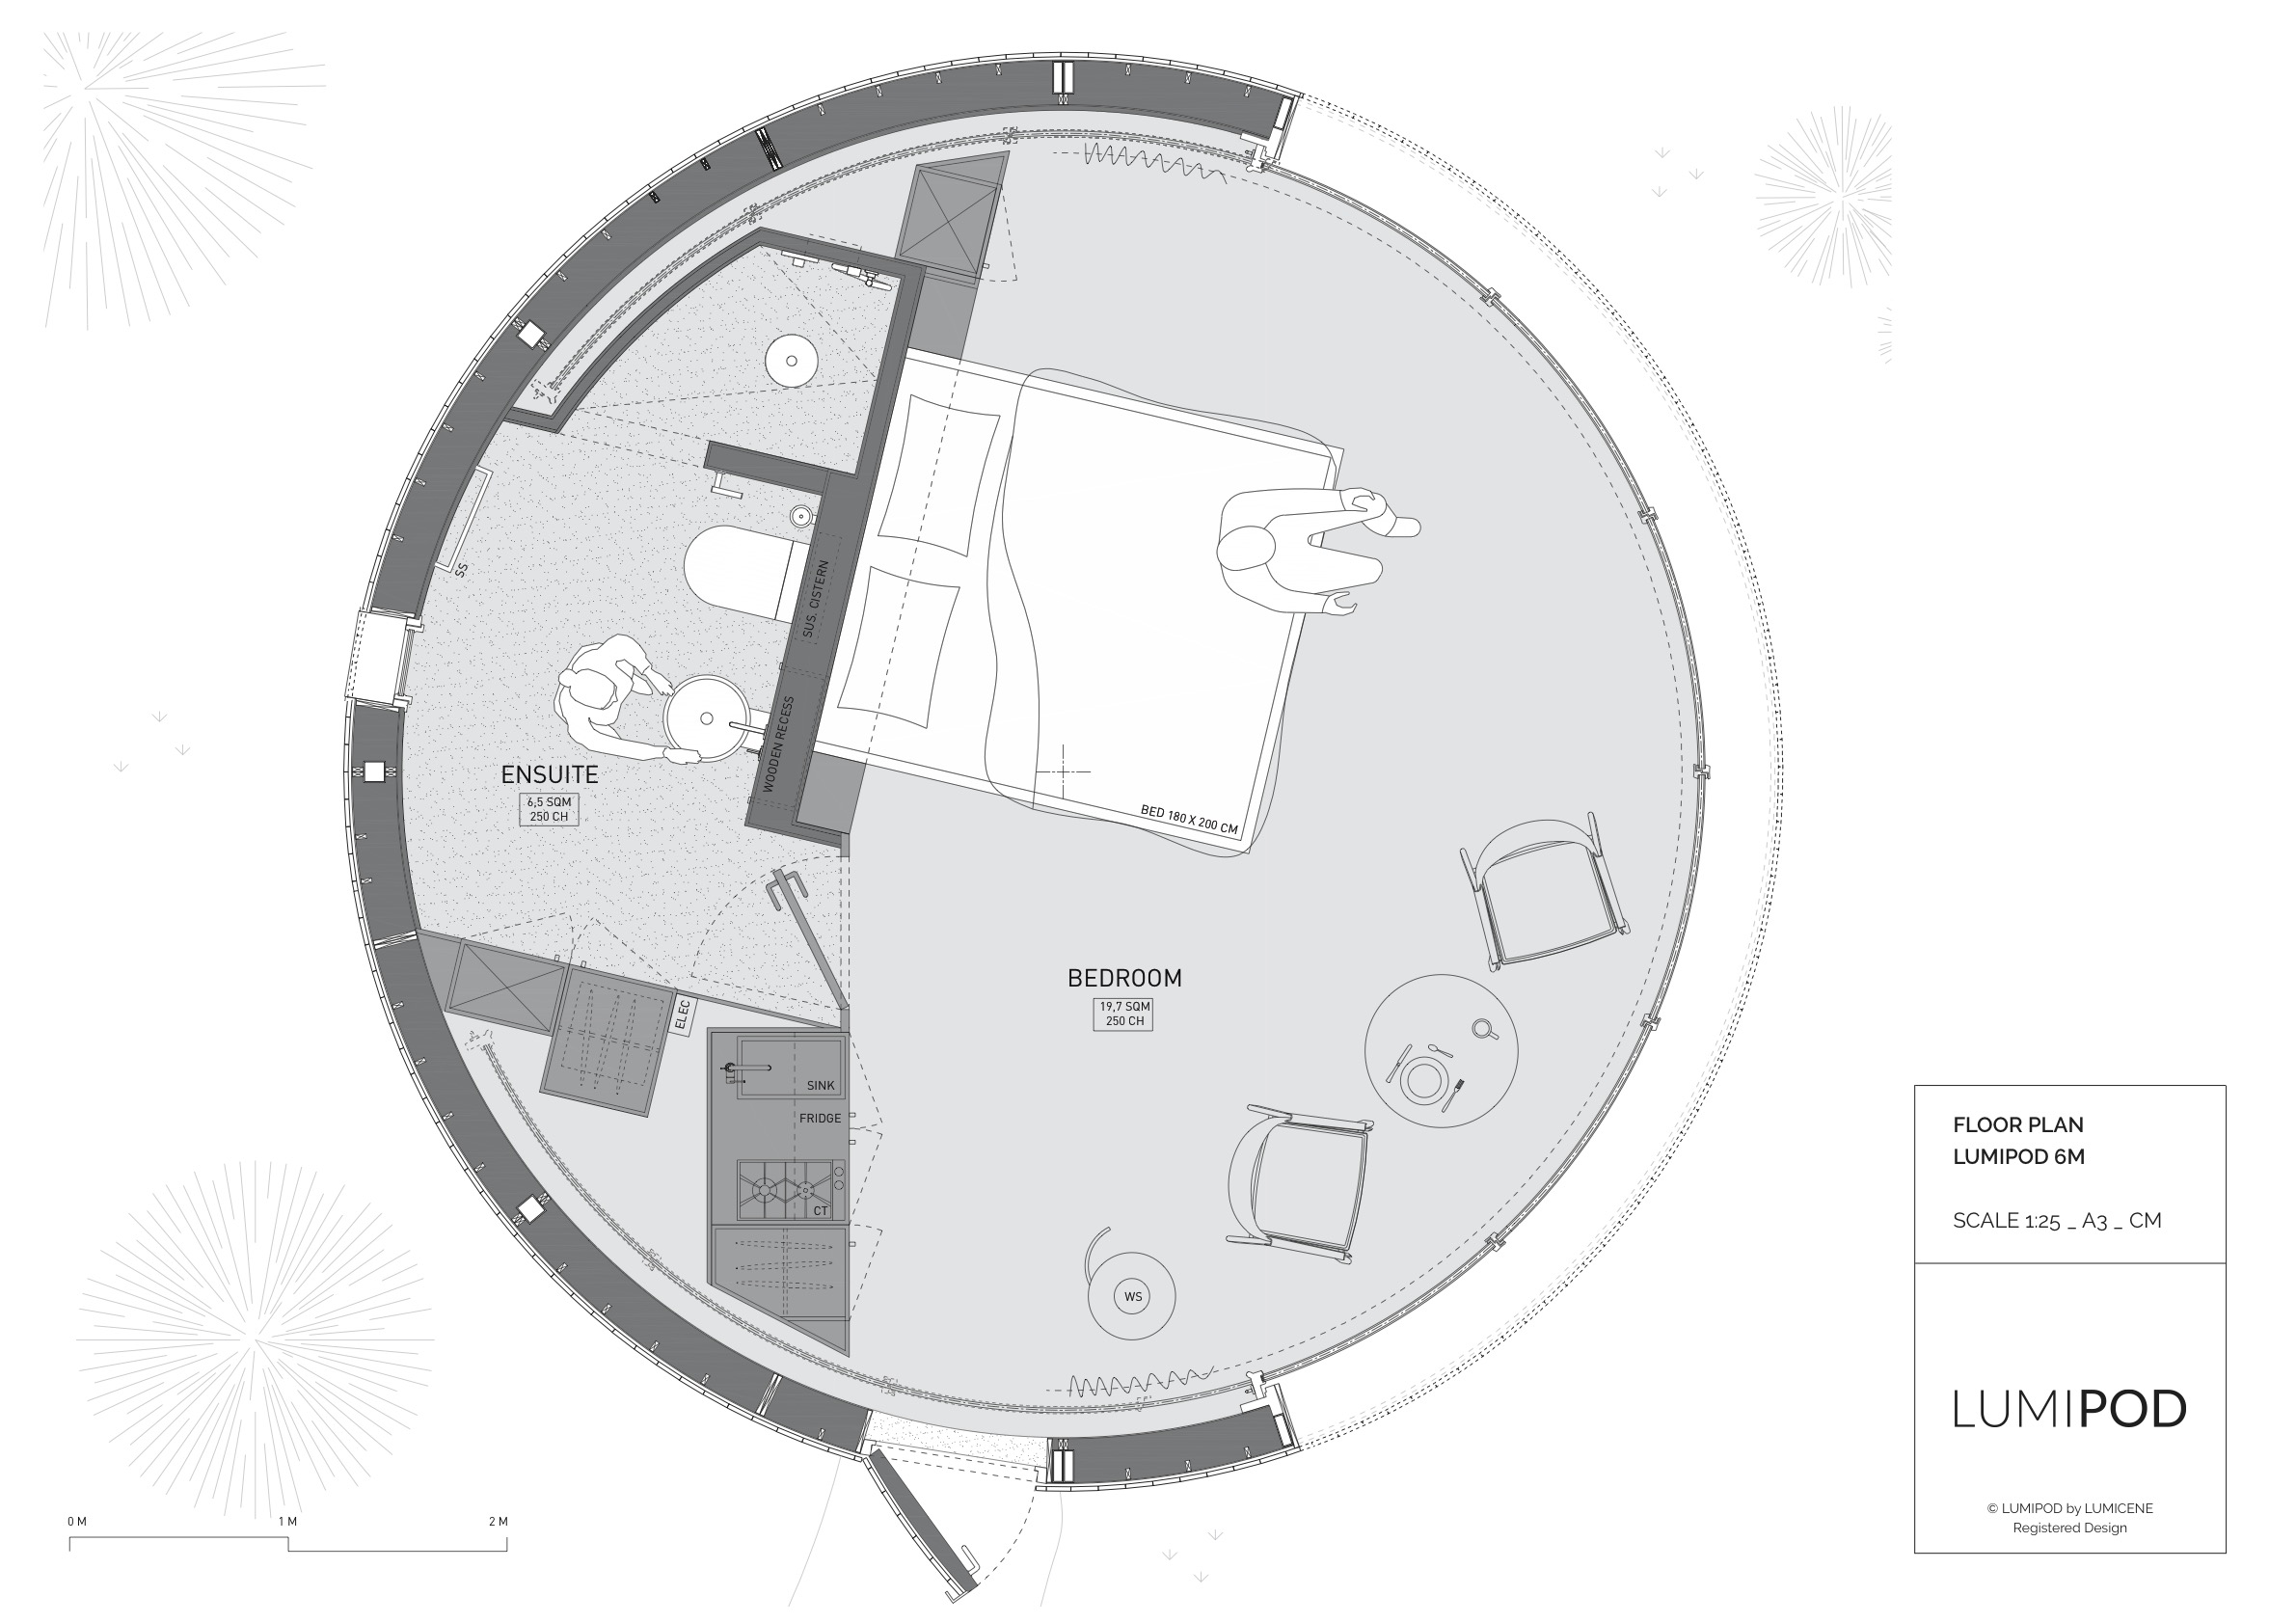 LumiPod 6 floor plan